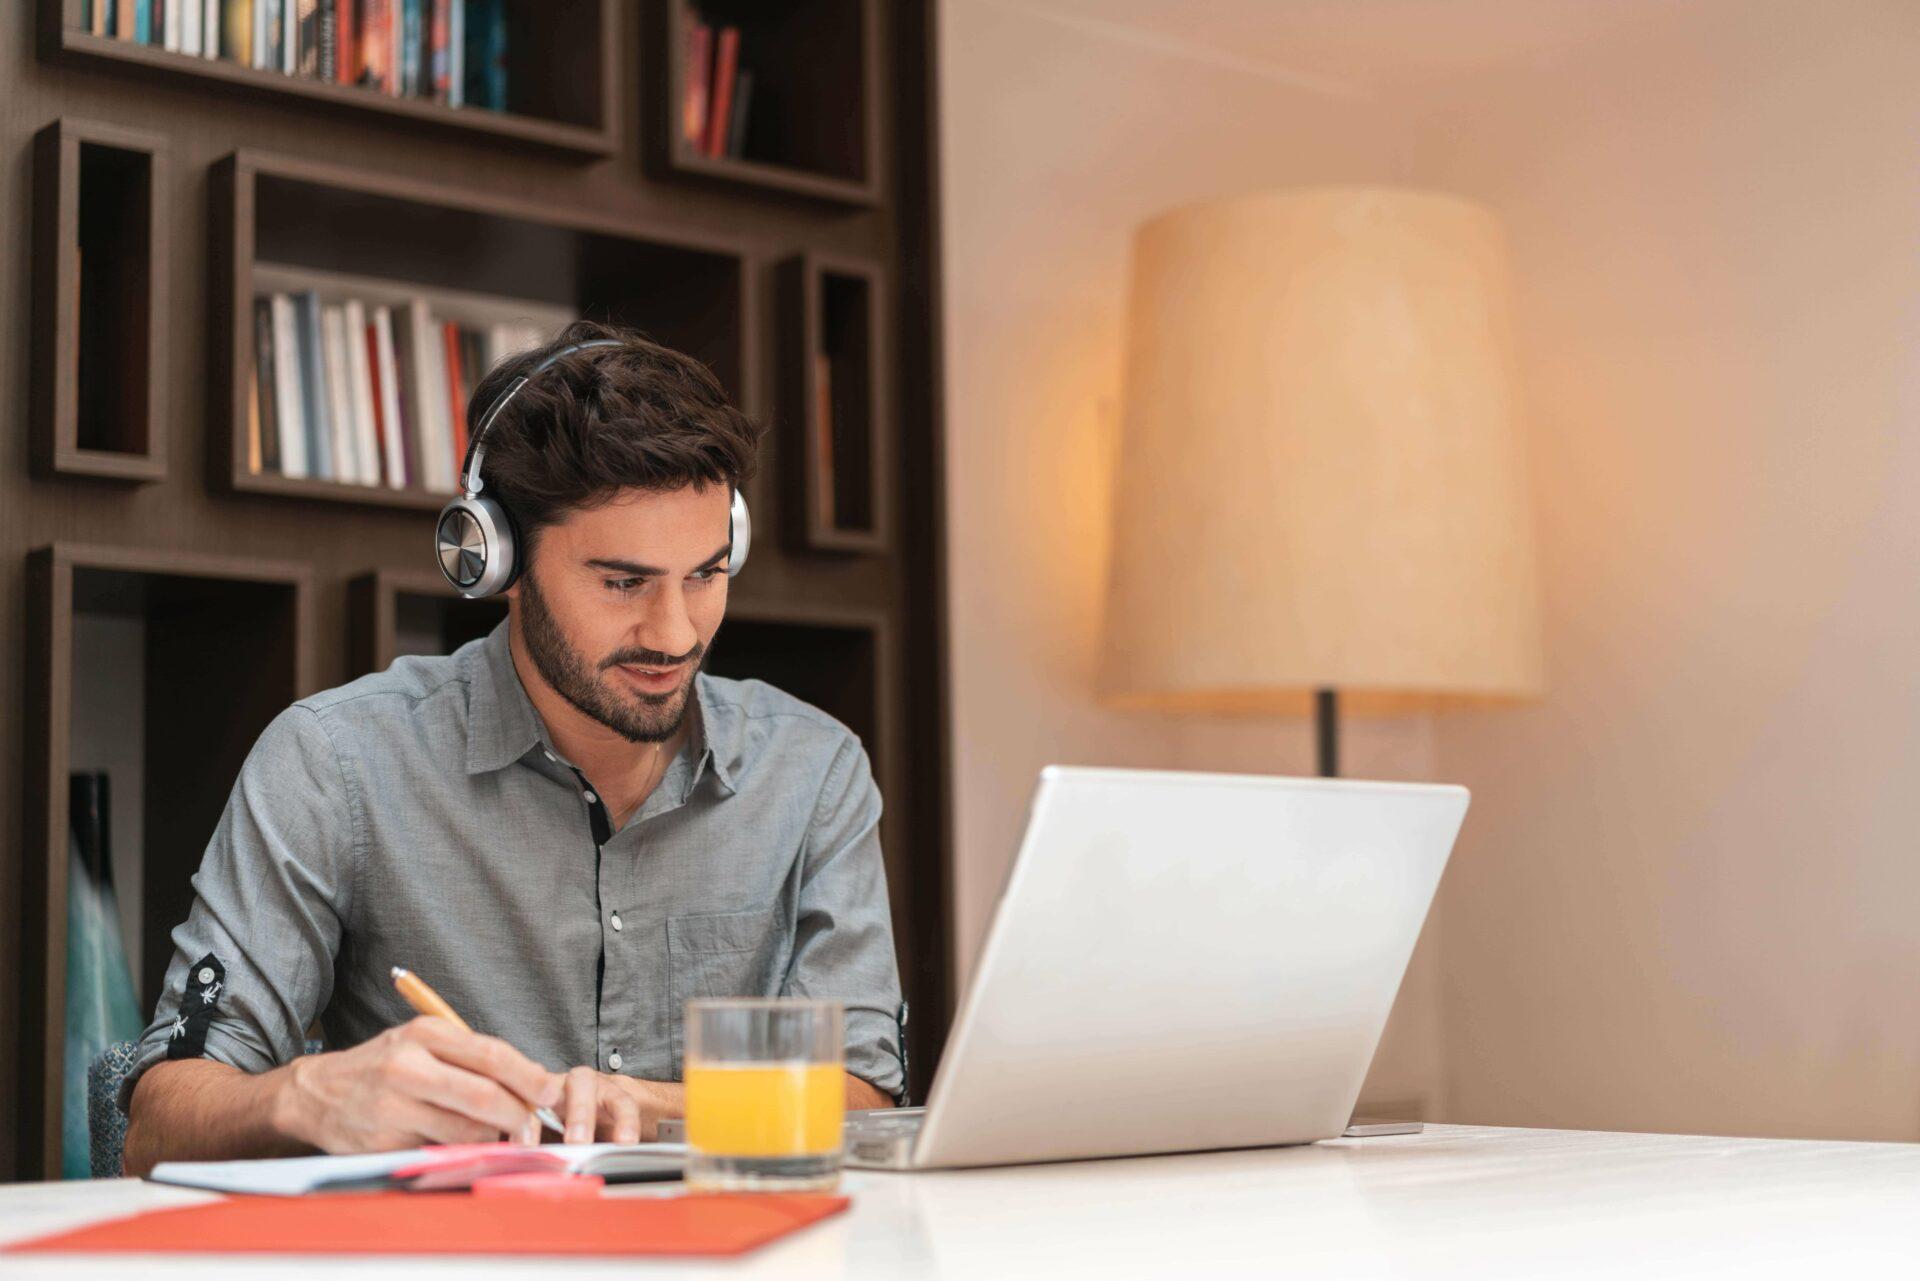 Ako práca na diaľku zlepšuje vzťah pracovníkov kfirme?